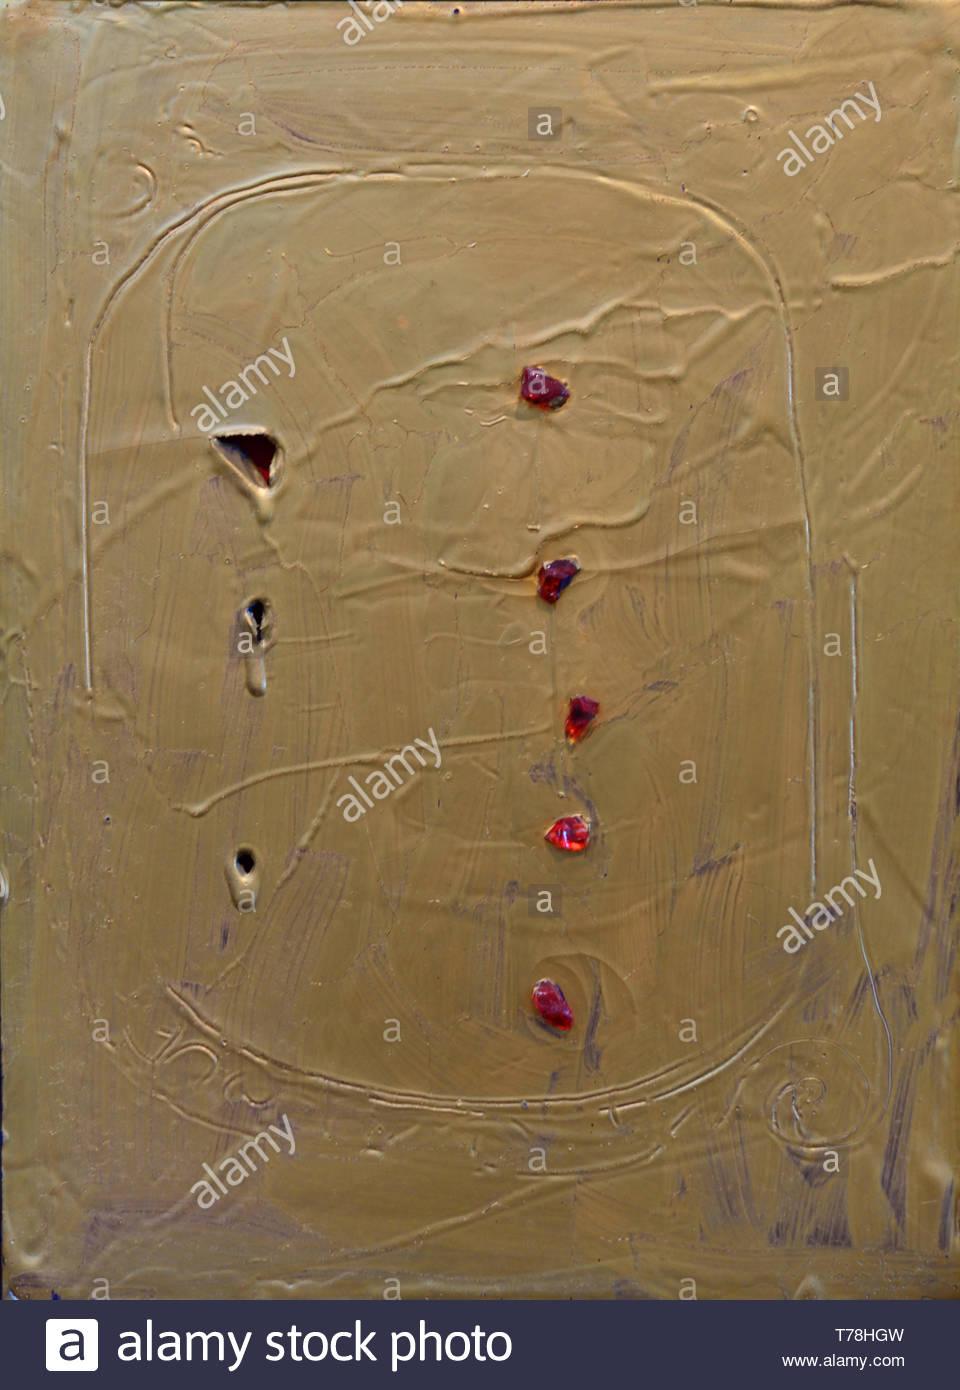 Concetto spaziale - Raumkonzept von Lucio Fontana 1899 Argentinien geboren argentinischen Stockbild